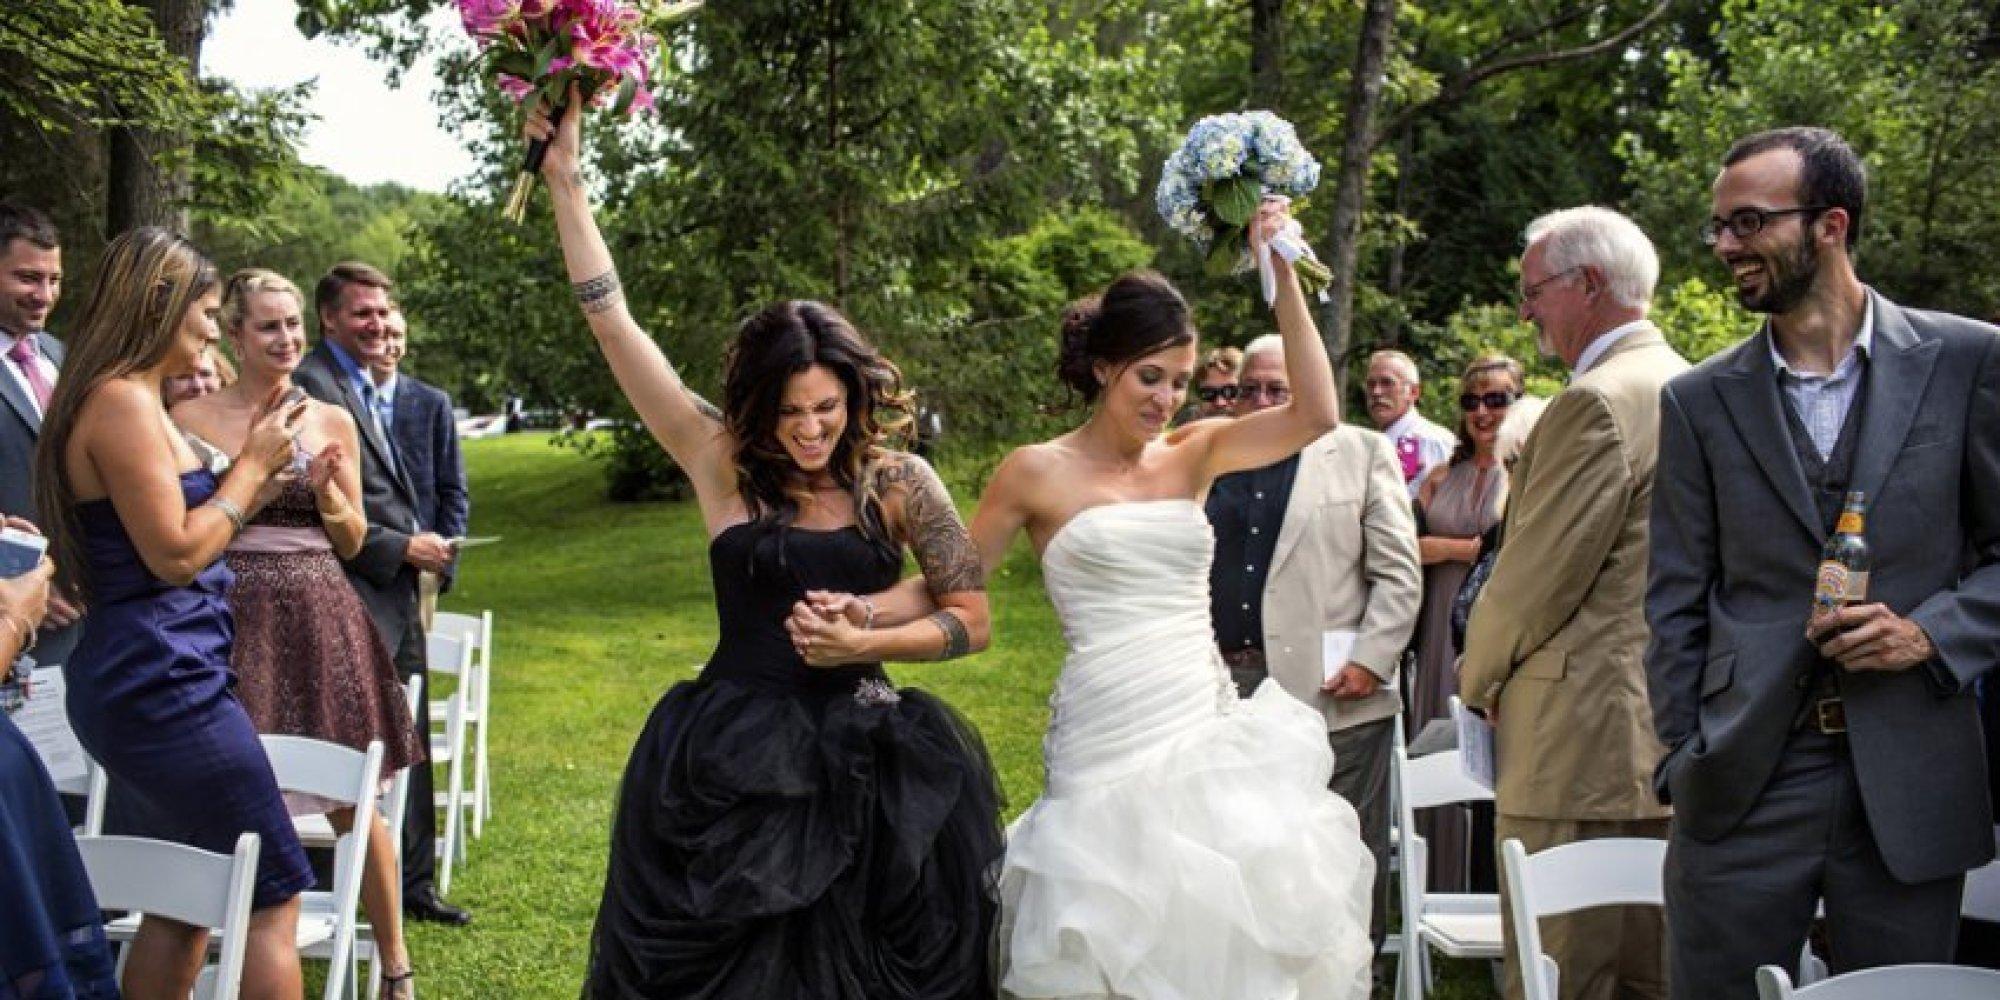 o-samesex-wedding-photos-facebook